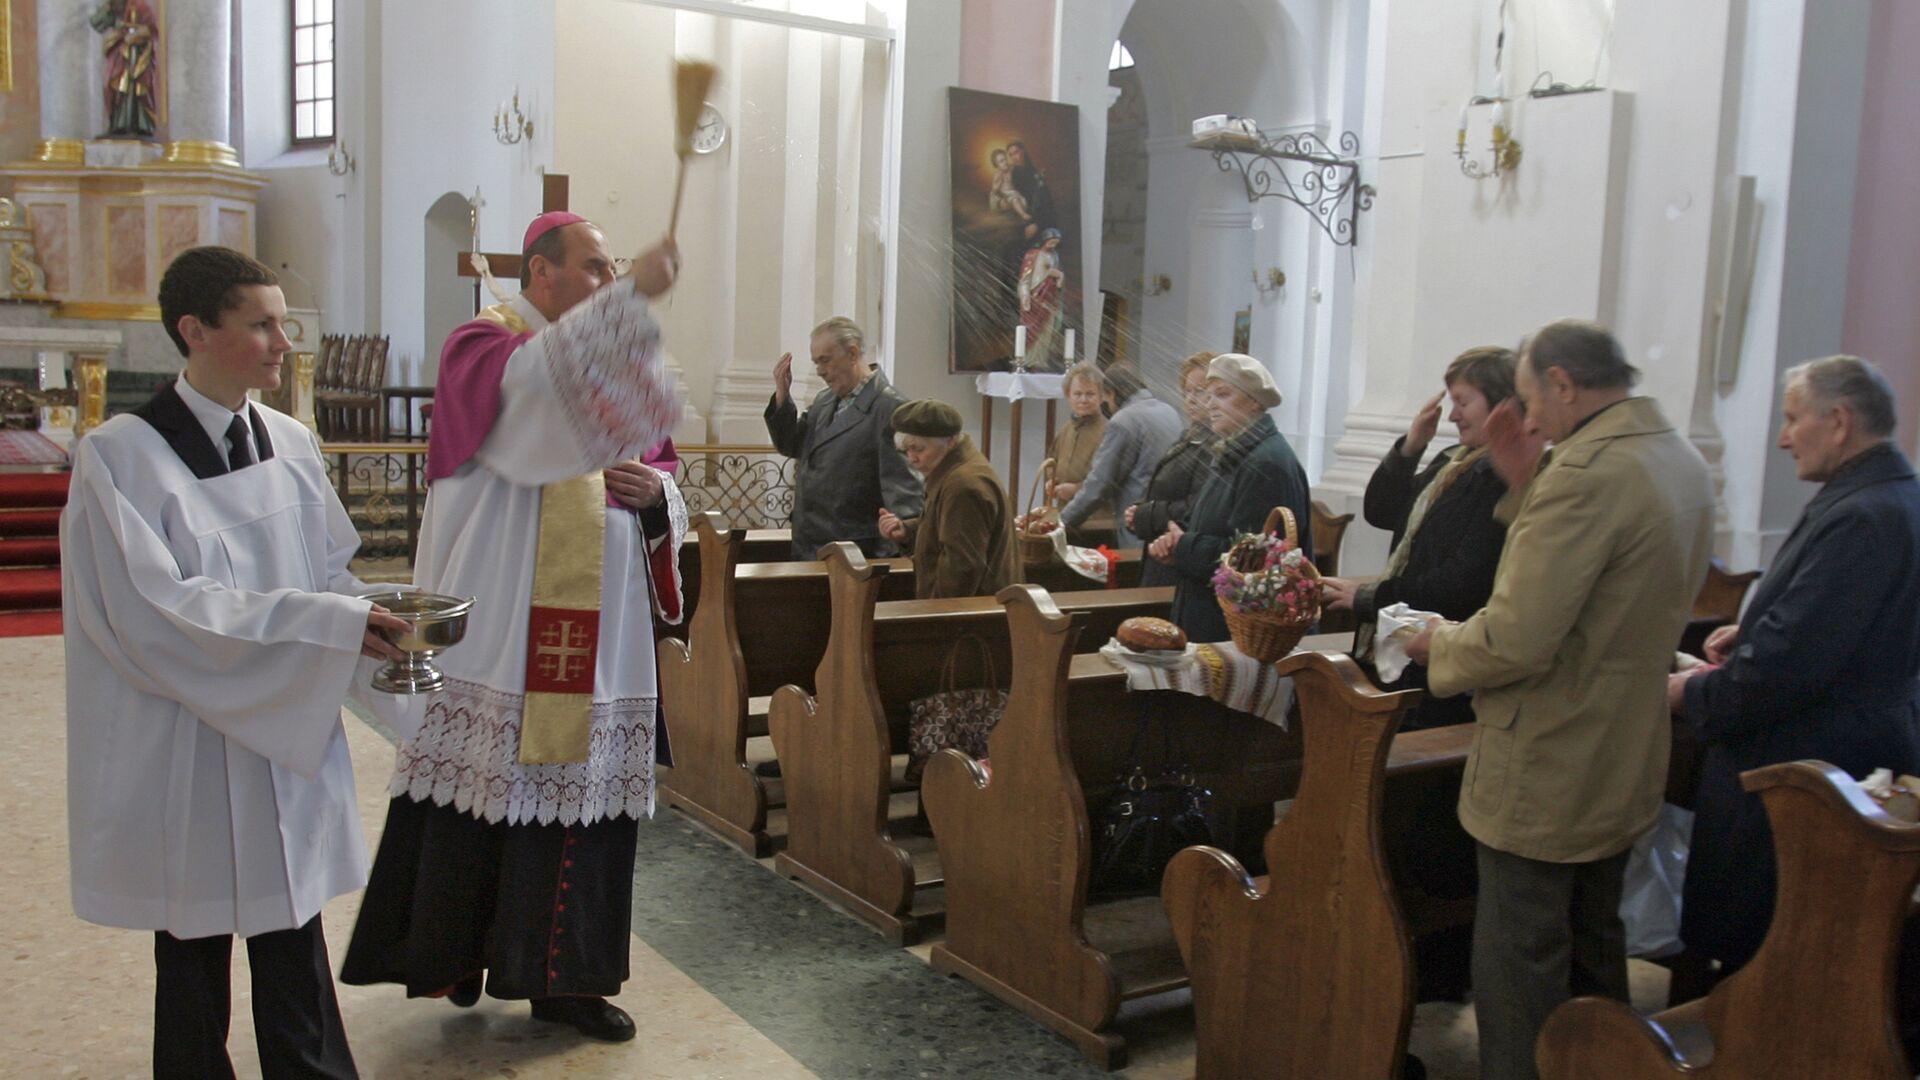 Празднование католической Пасхи в Минске - РИА Новости, 1920, 29.09.2020